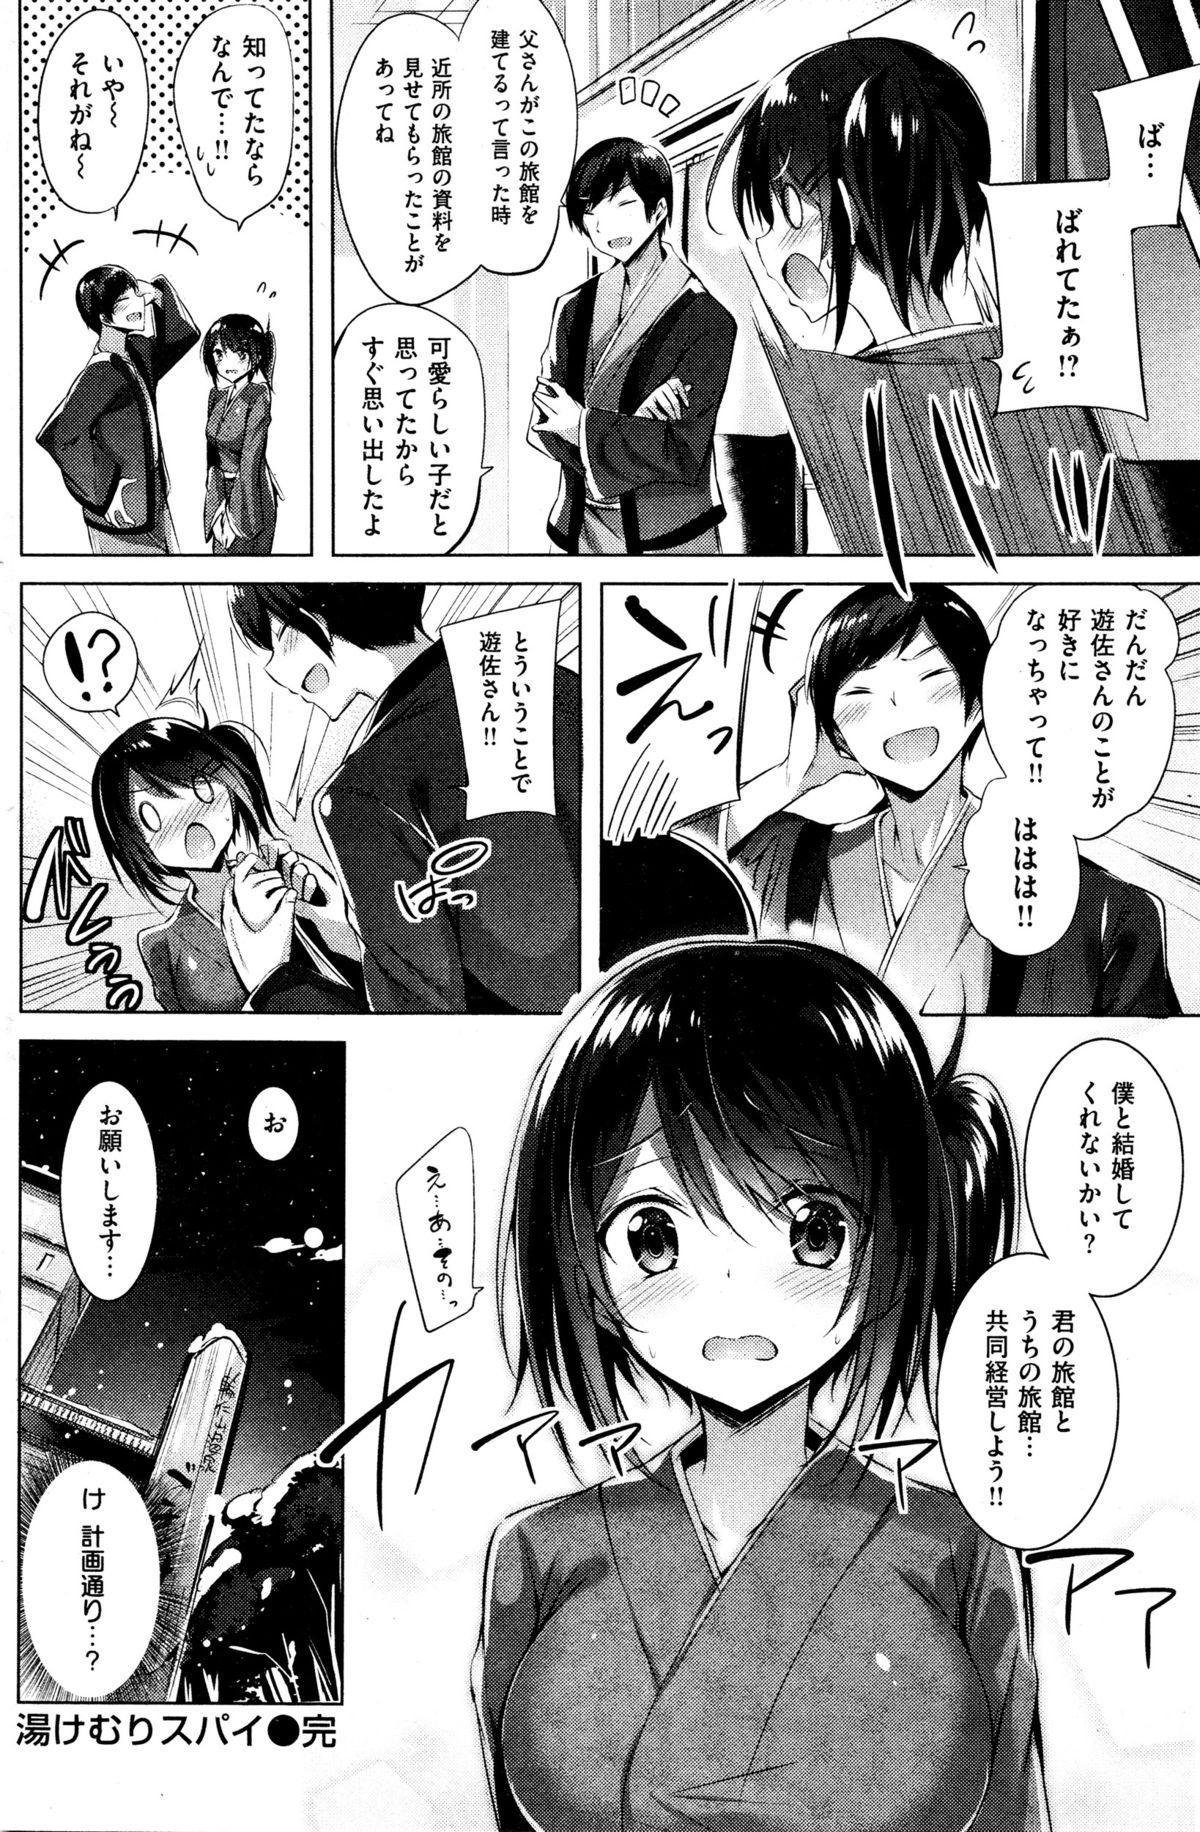 COMIC Kairakuten BEAST 2016-01 171